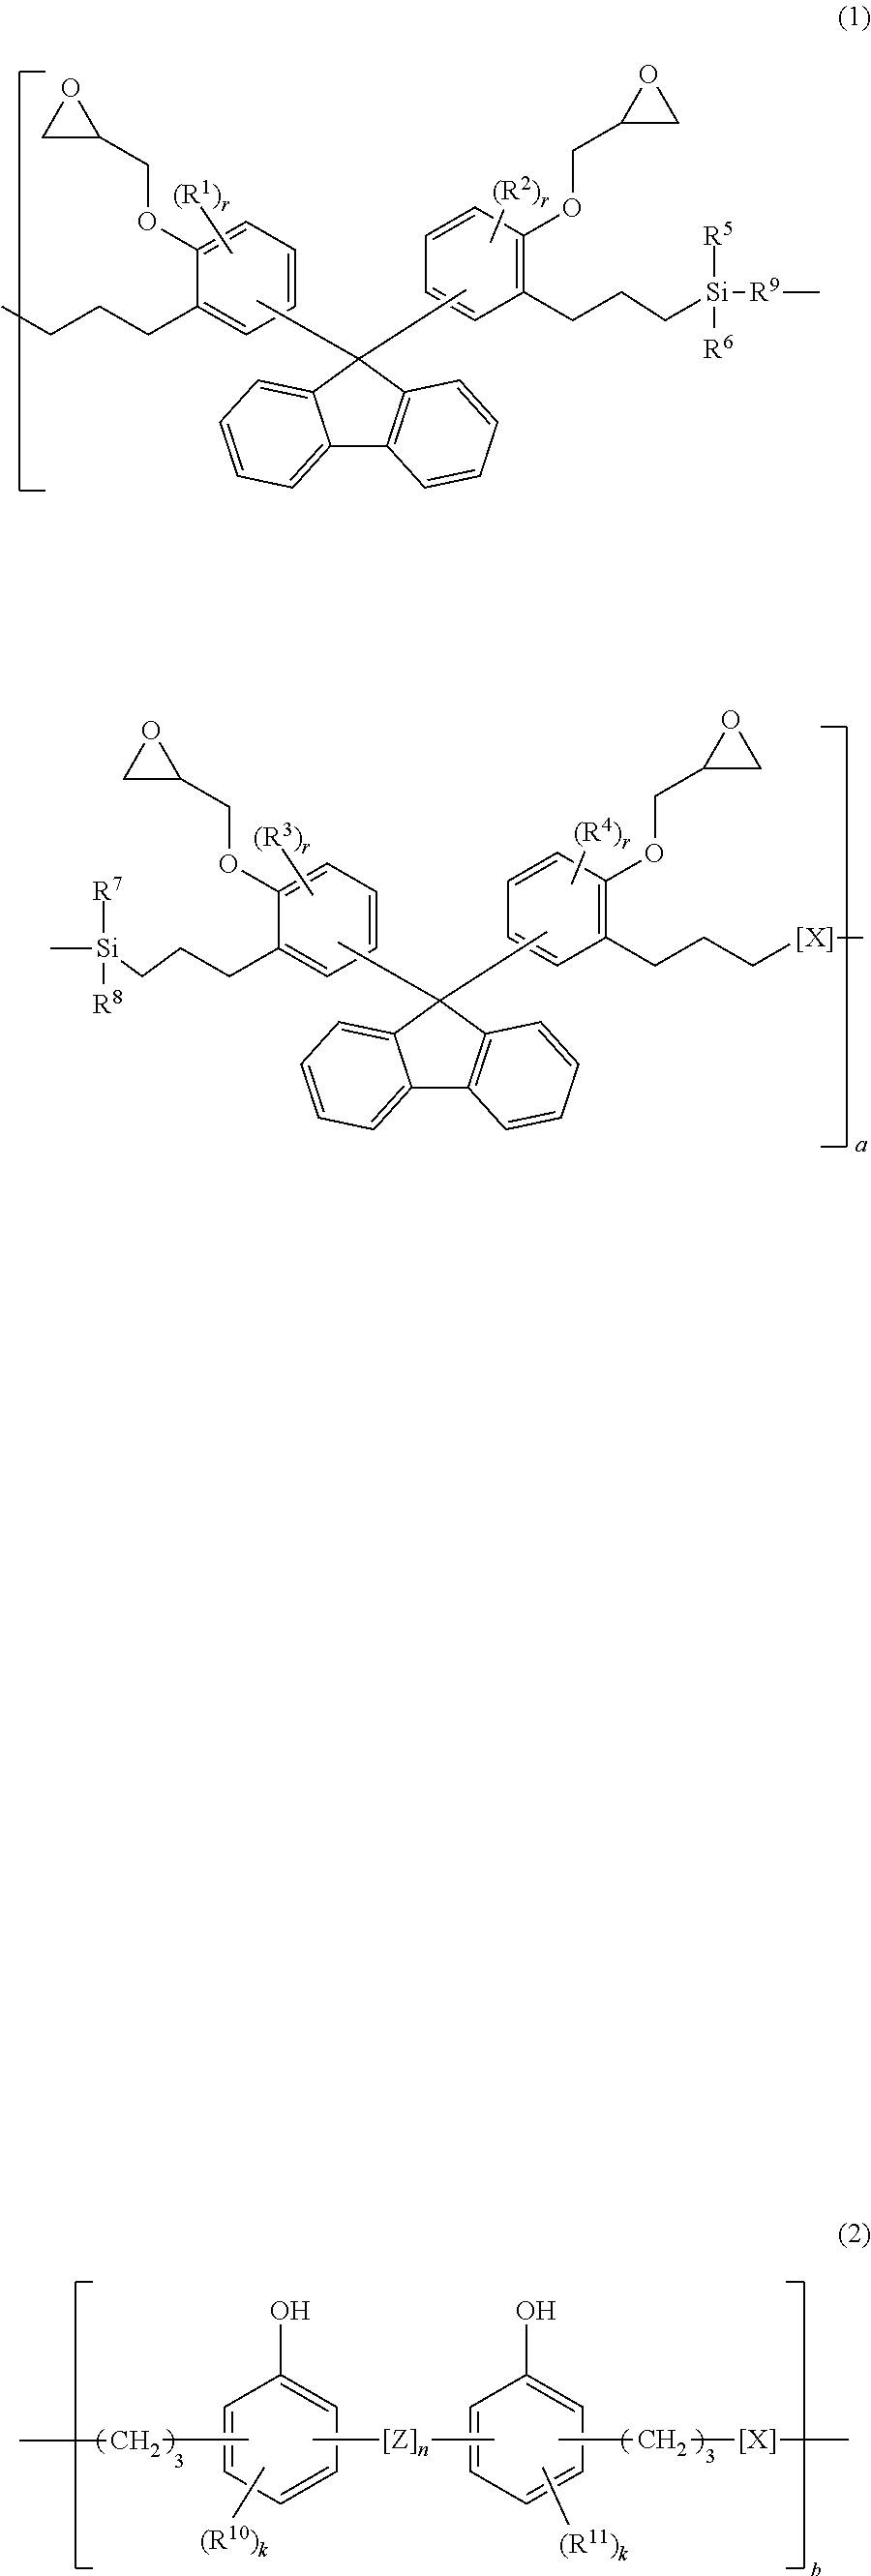 Figure US09620429-20170411-C00024